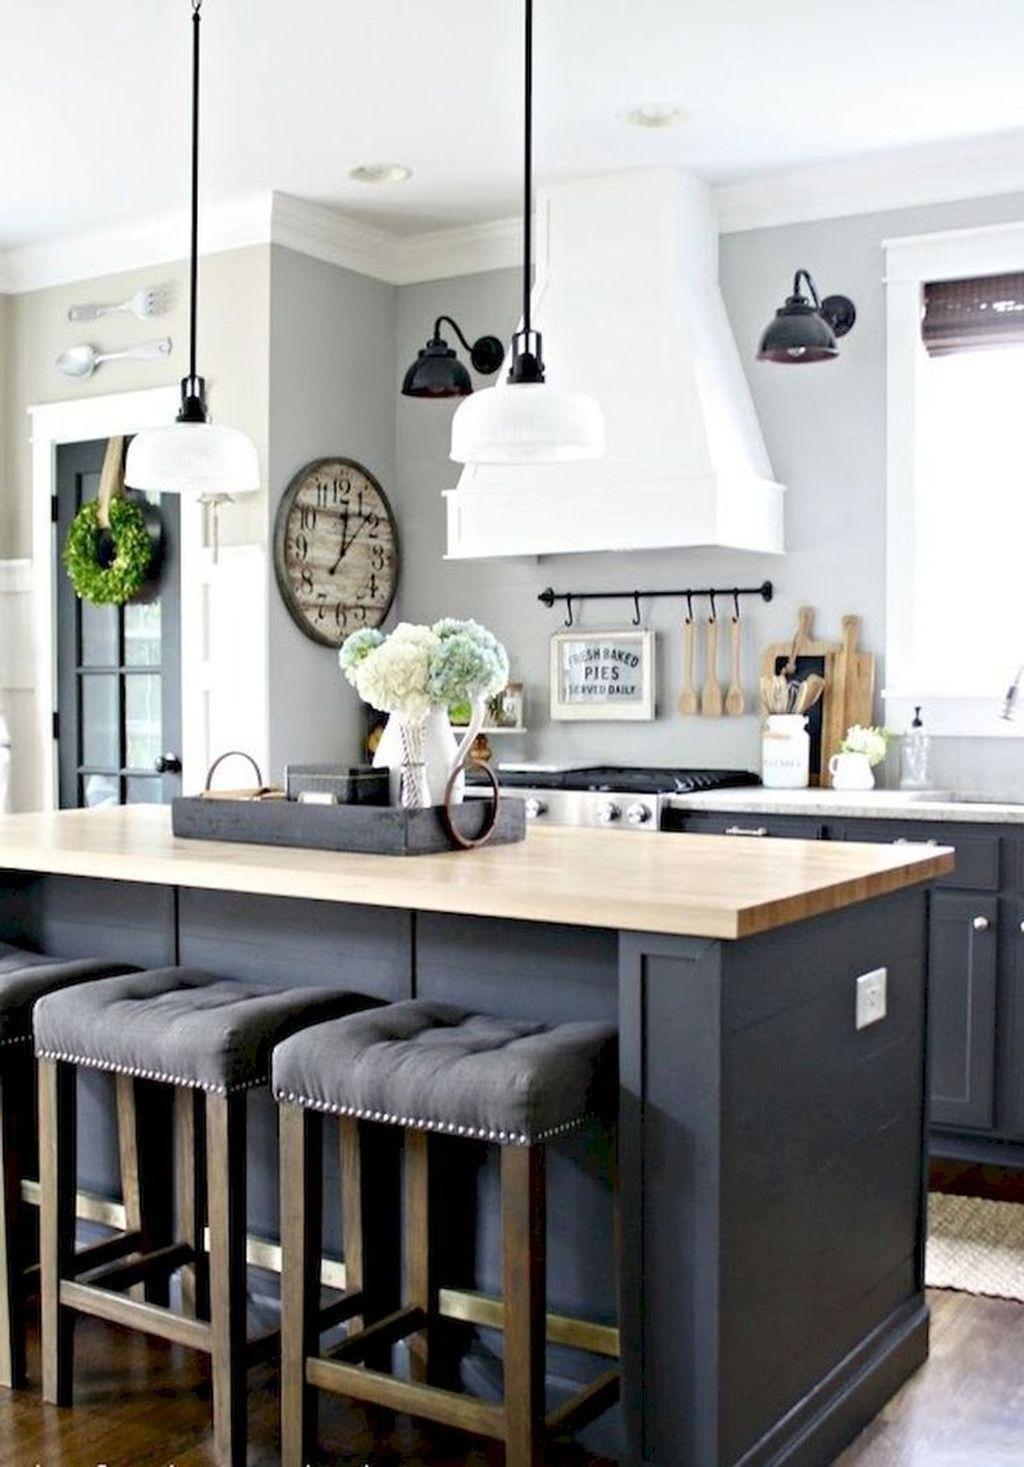 38 Gorgeous Farmhouse Kitchen Island Decor Ideas Popy Home Diy